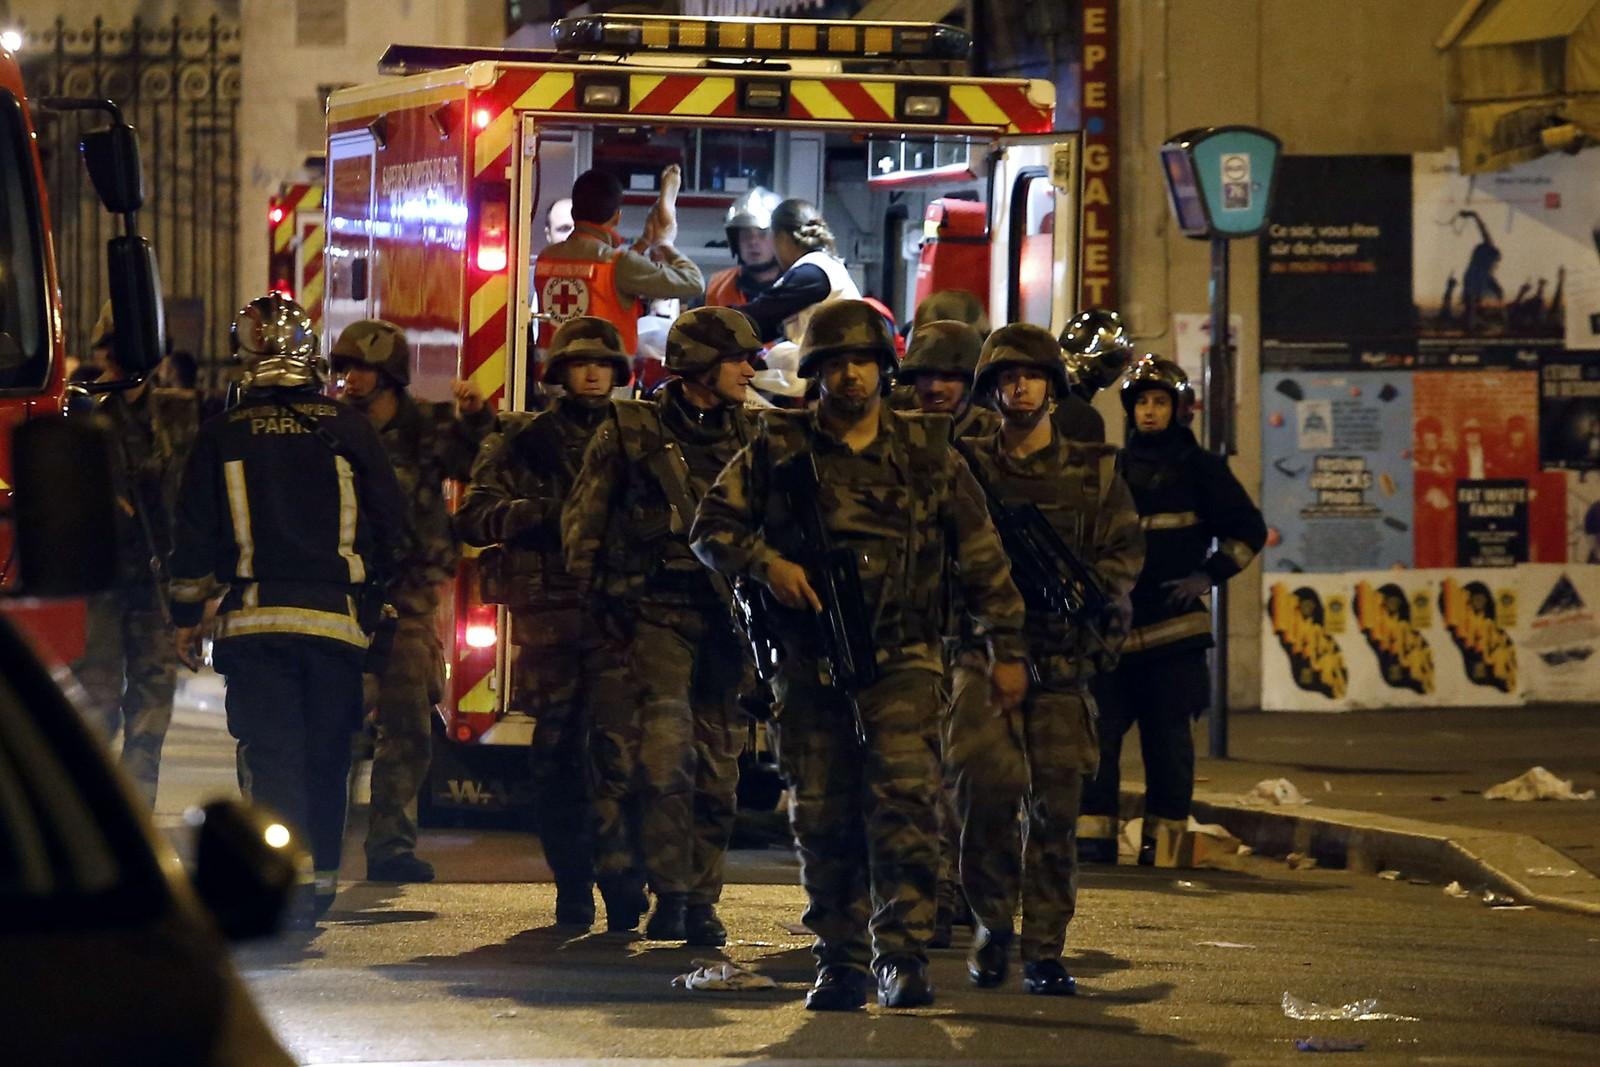 De siste opplysningene fra myndighetene i Paris er at minst 87 personer ble drept inne på Bataclan før sikkerhetsstyrkene stormet lokalet. Da sprengte gjerningsmennene seg i luften med selvmordsbelter.